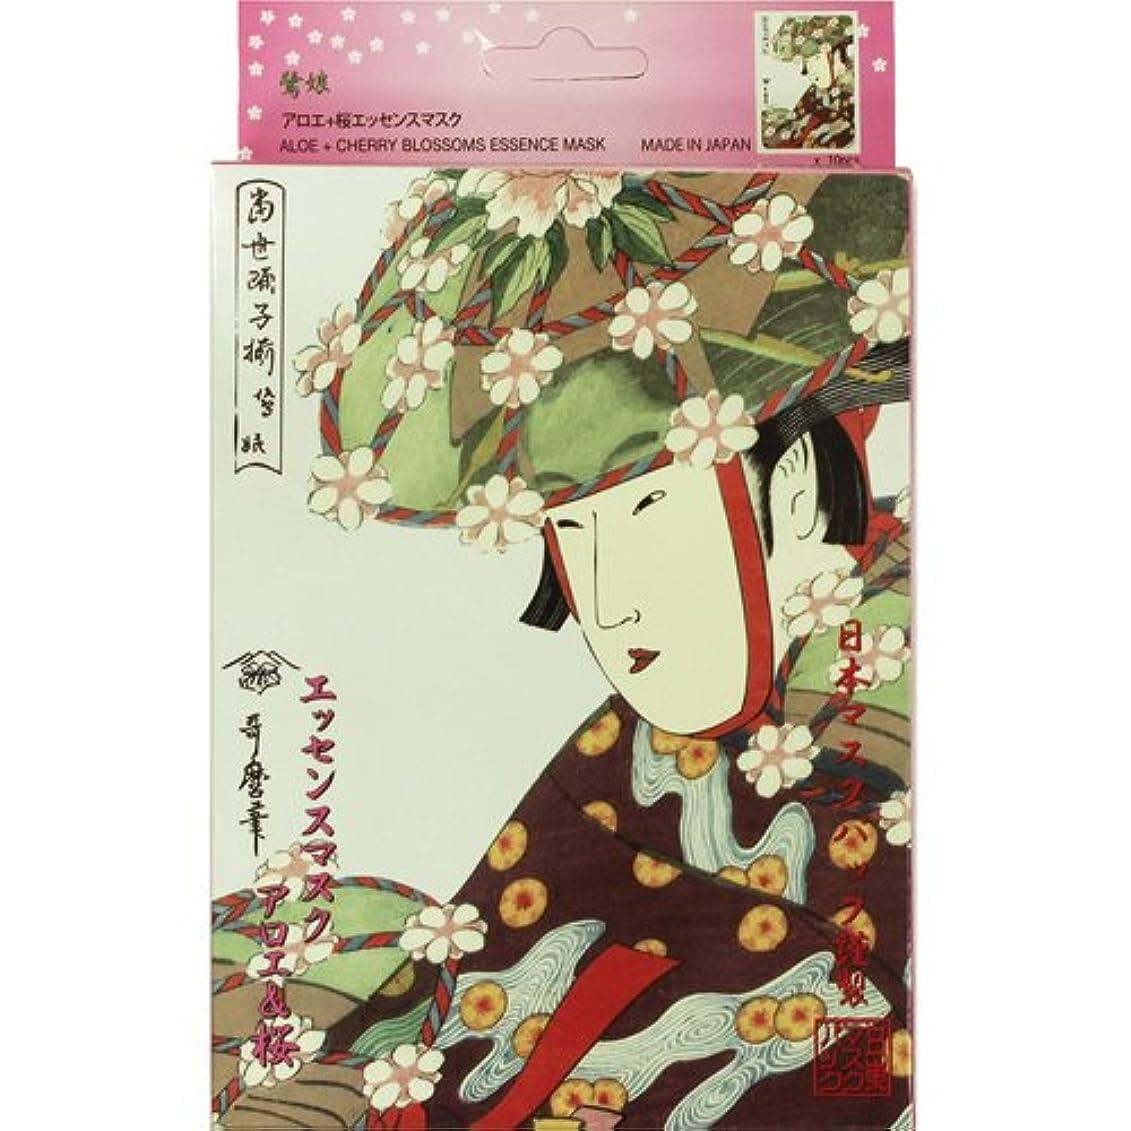 虚弱障害者枯渇エッセンスマスク アロエ+桜10枚